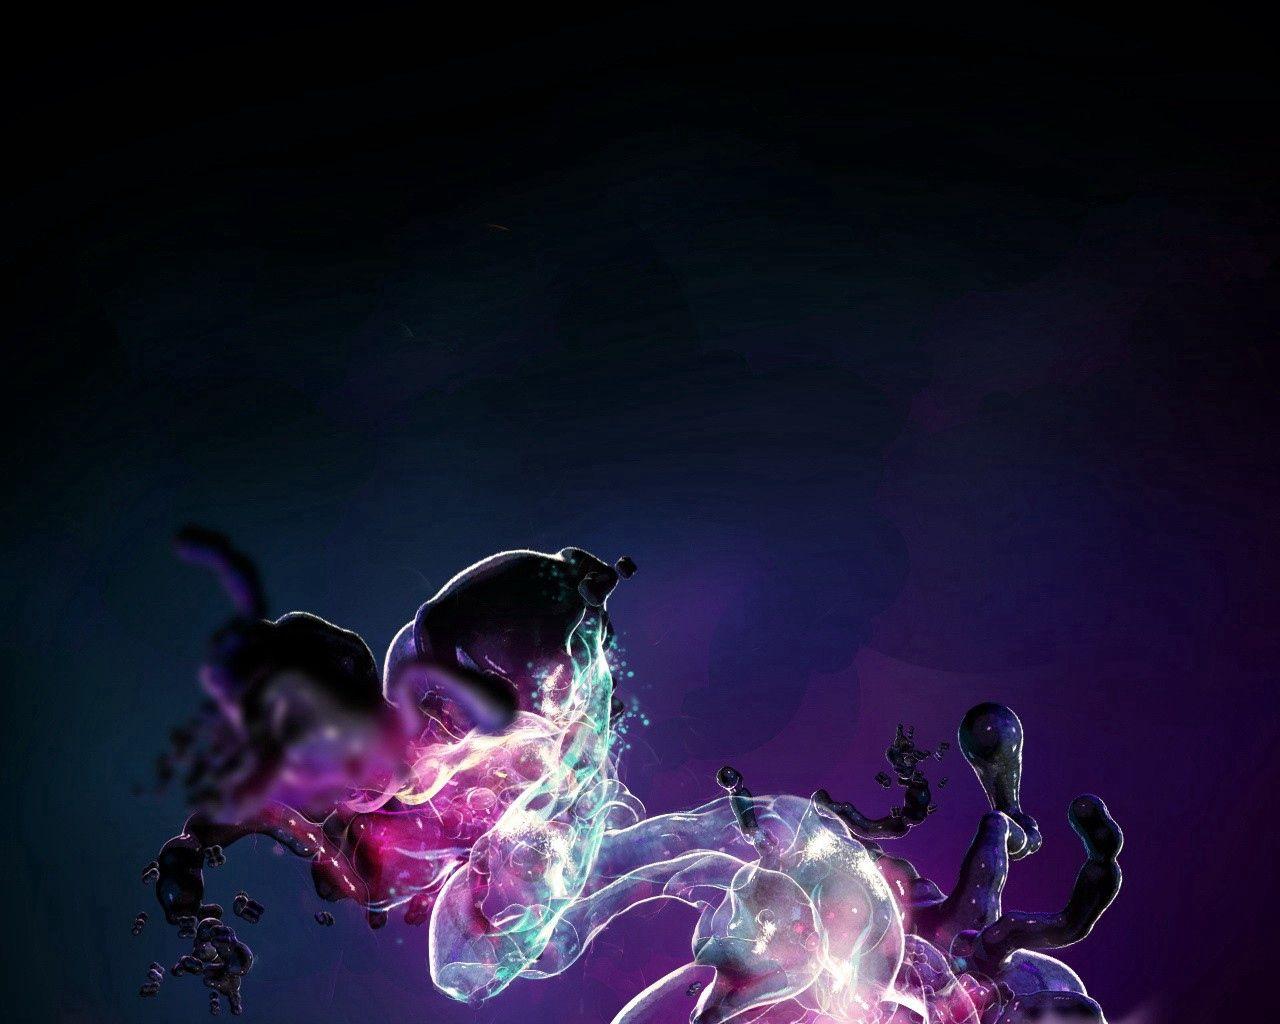 87903 скачать обои Абстракция, Краска, Линии, Фон, Светлый, Тень, Дым - заставки и картинки бесплатно